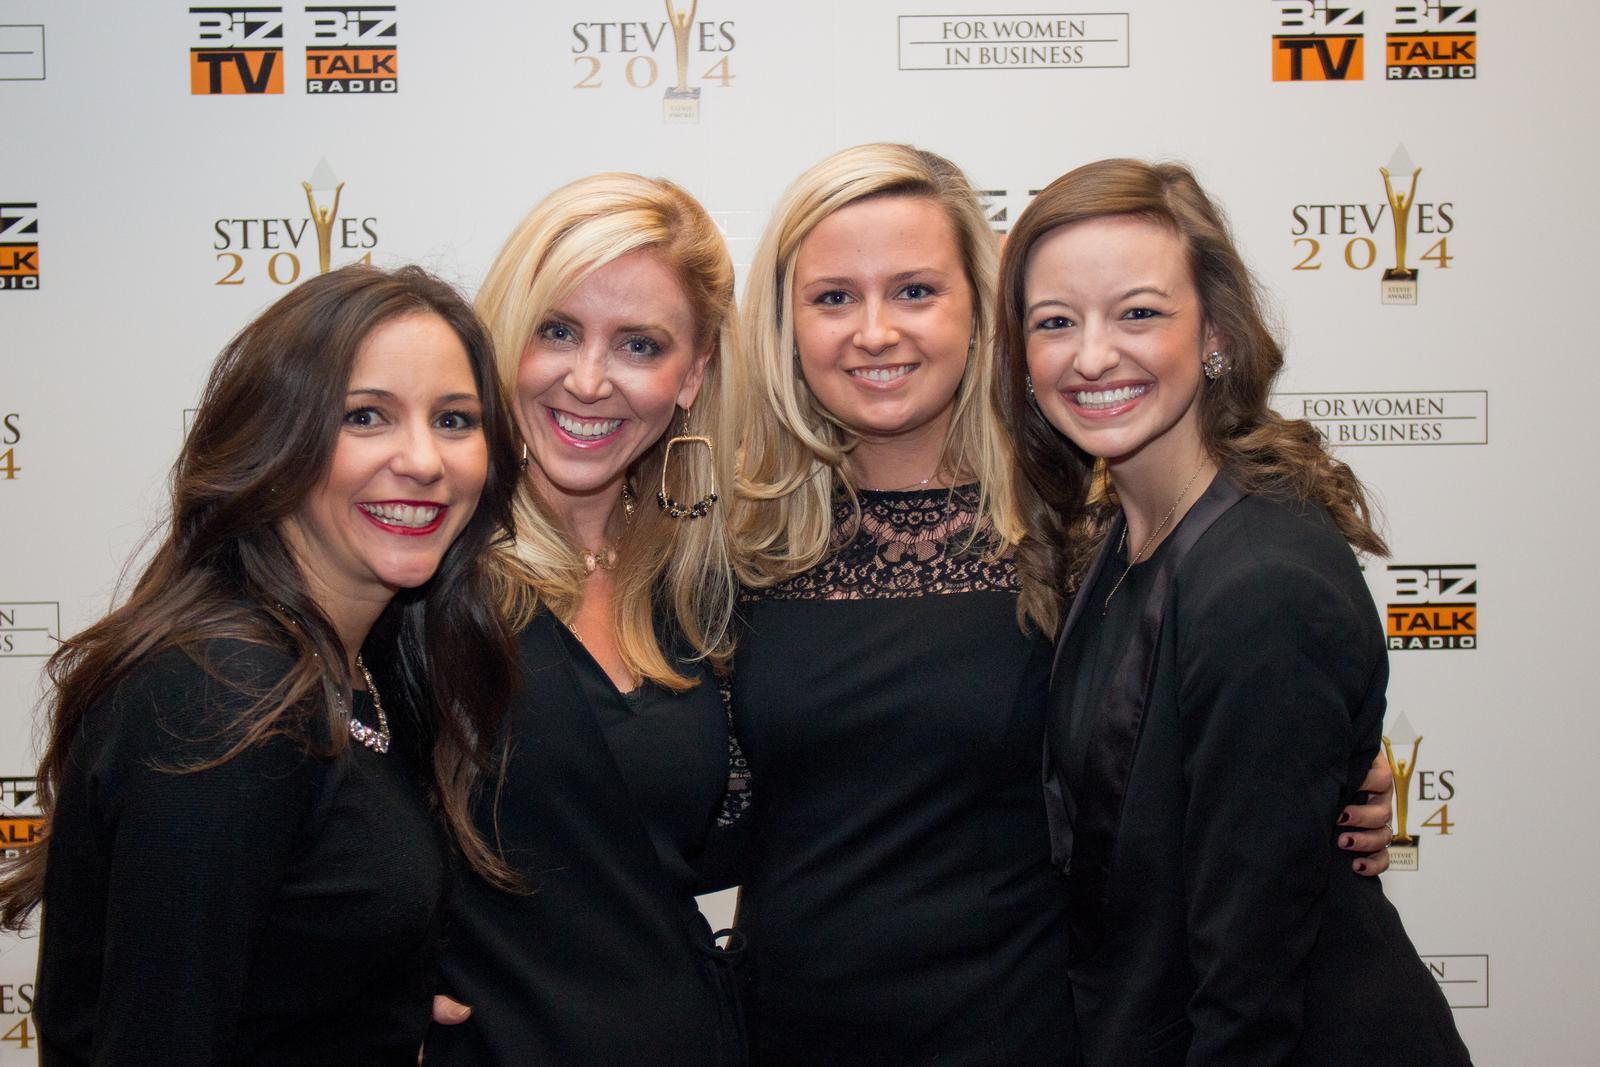 Siegerinnen der Stevie Awards for Women in Business 2014